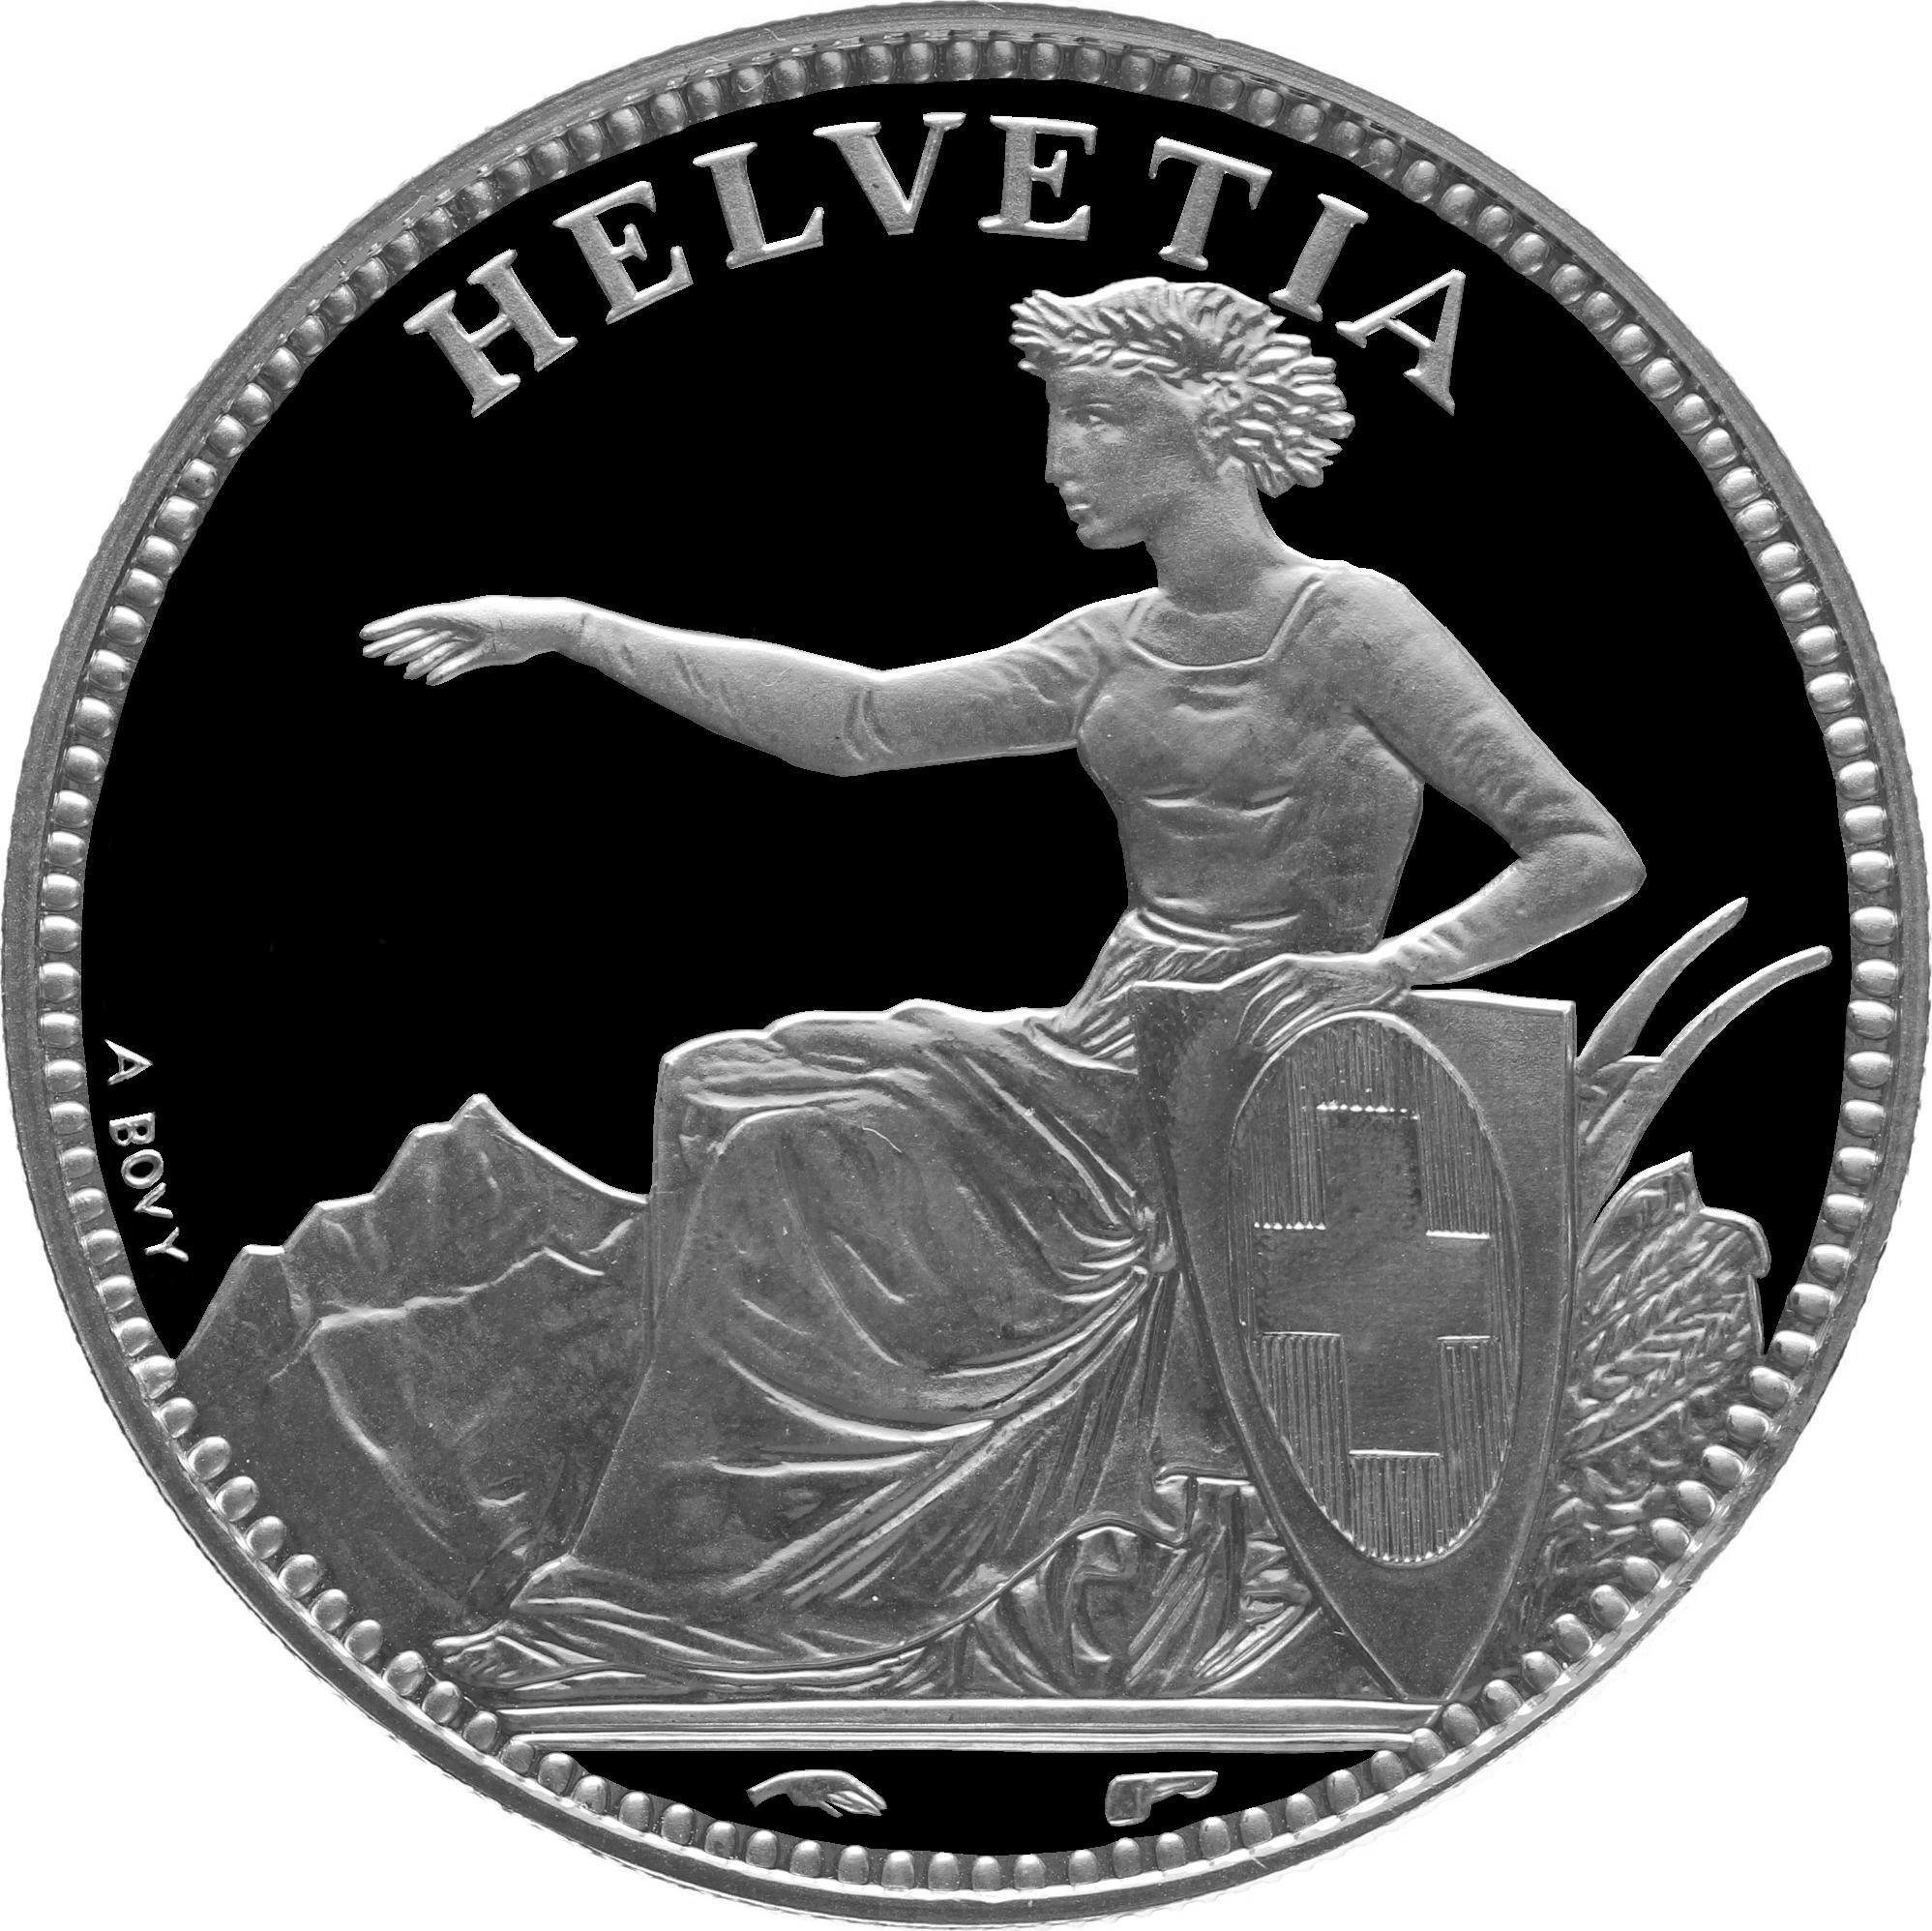 Münzen Und Goldmünzen Online Kaufen Goldvreneli Medaillen